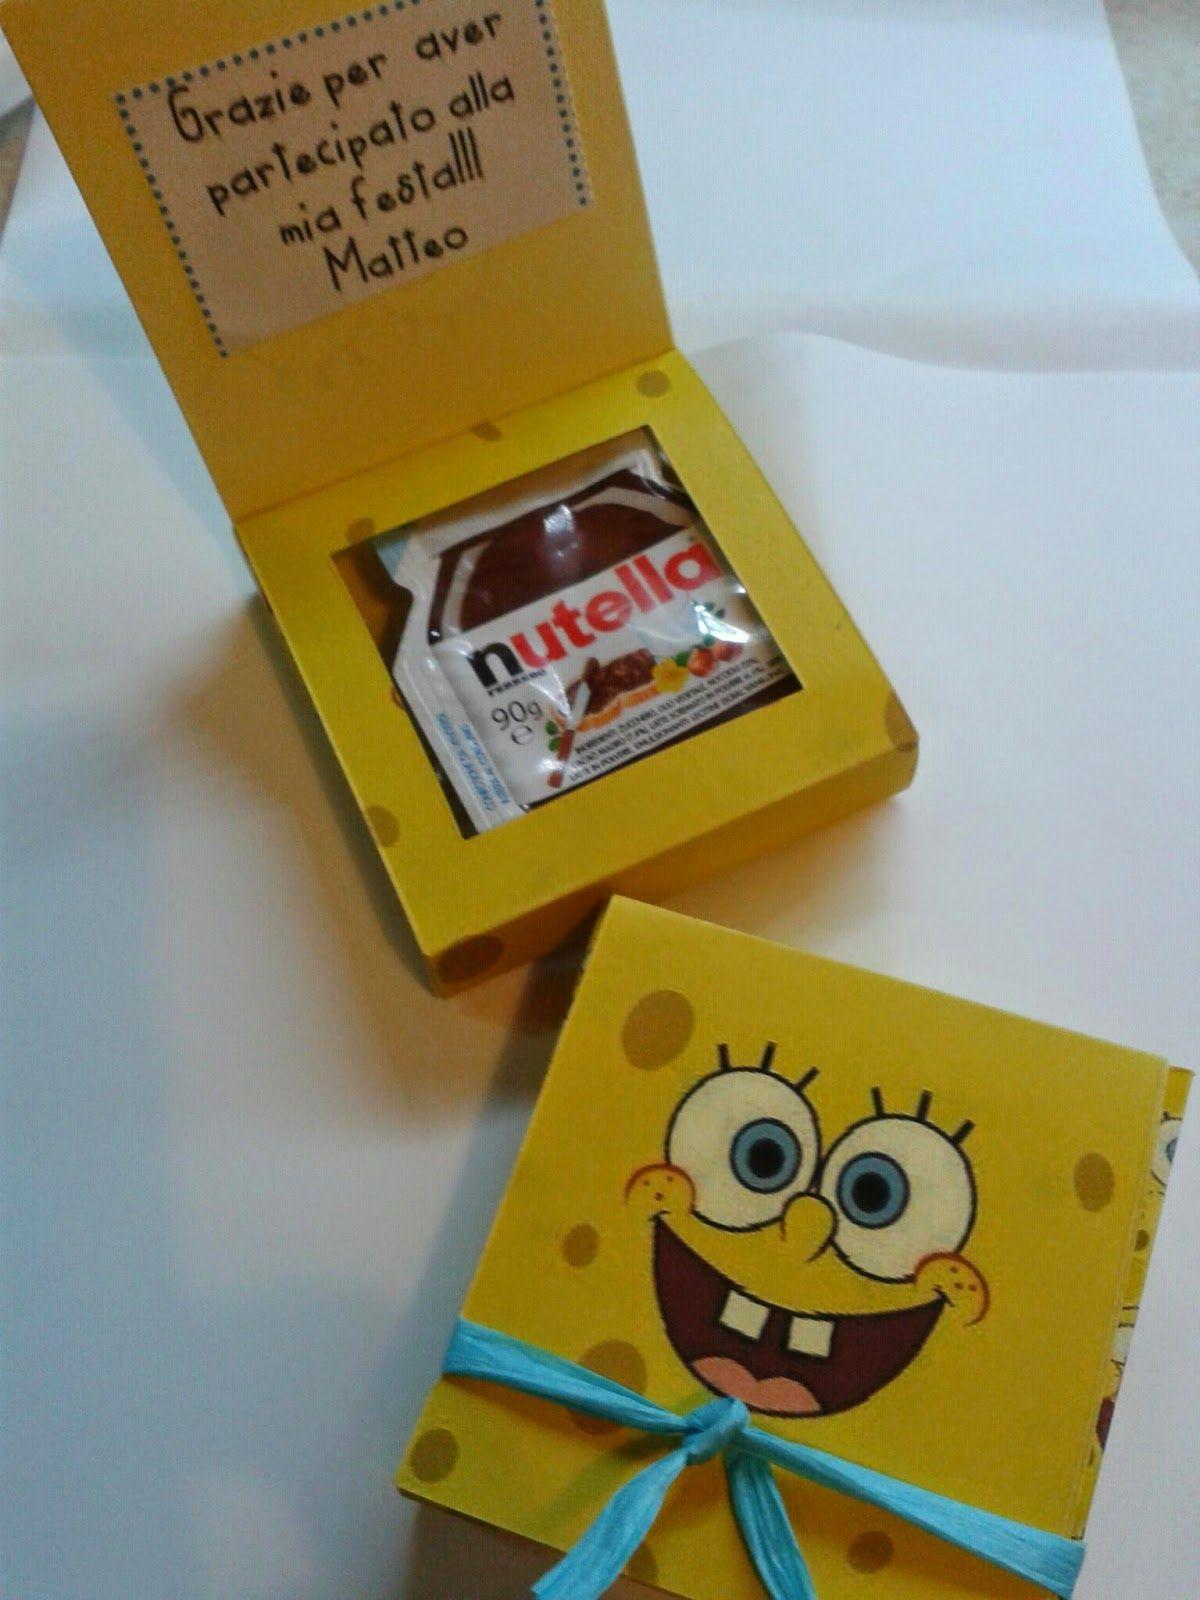 Scatoline Di Spongebob Fatte A Mano Con La Nutella All